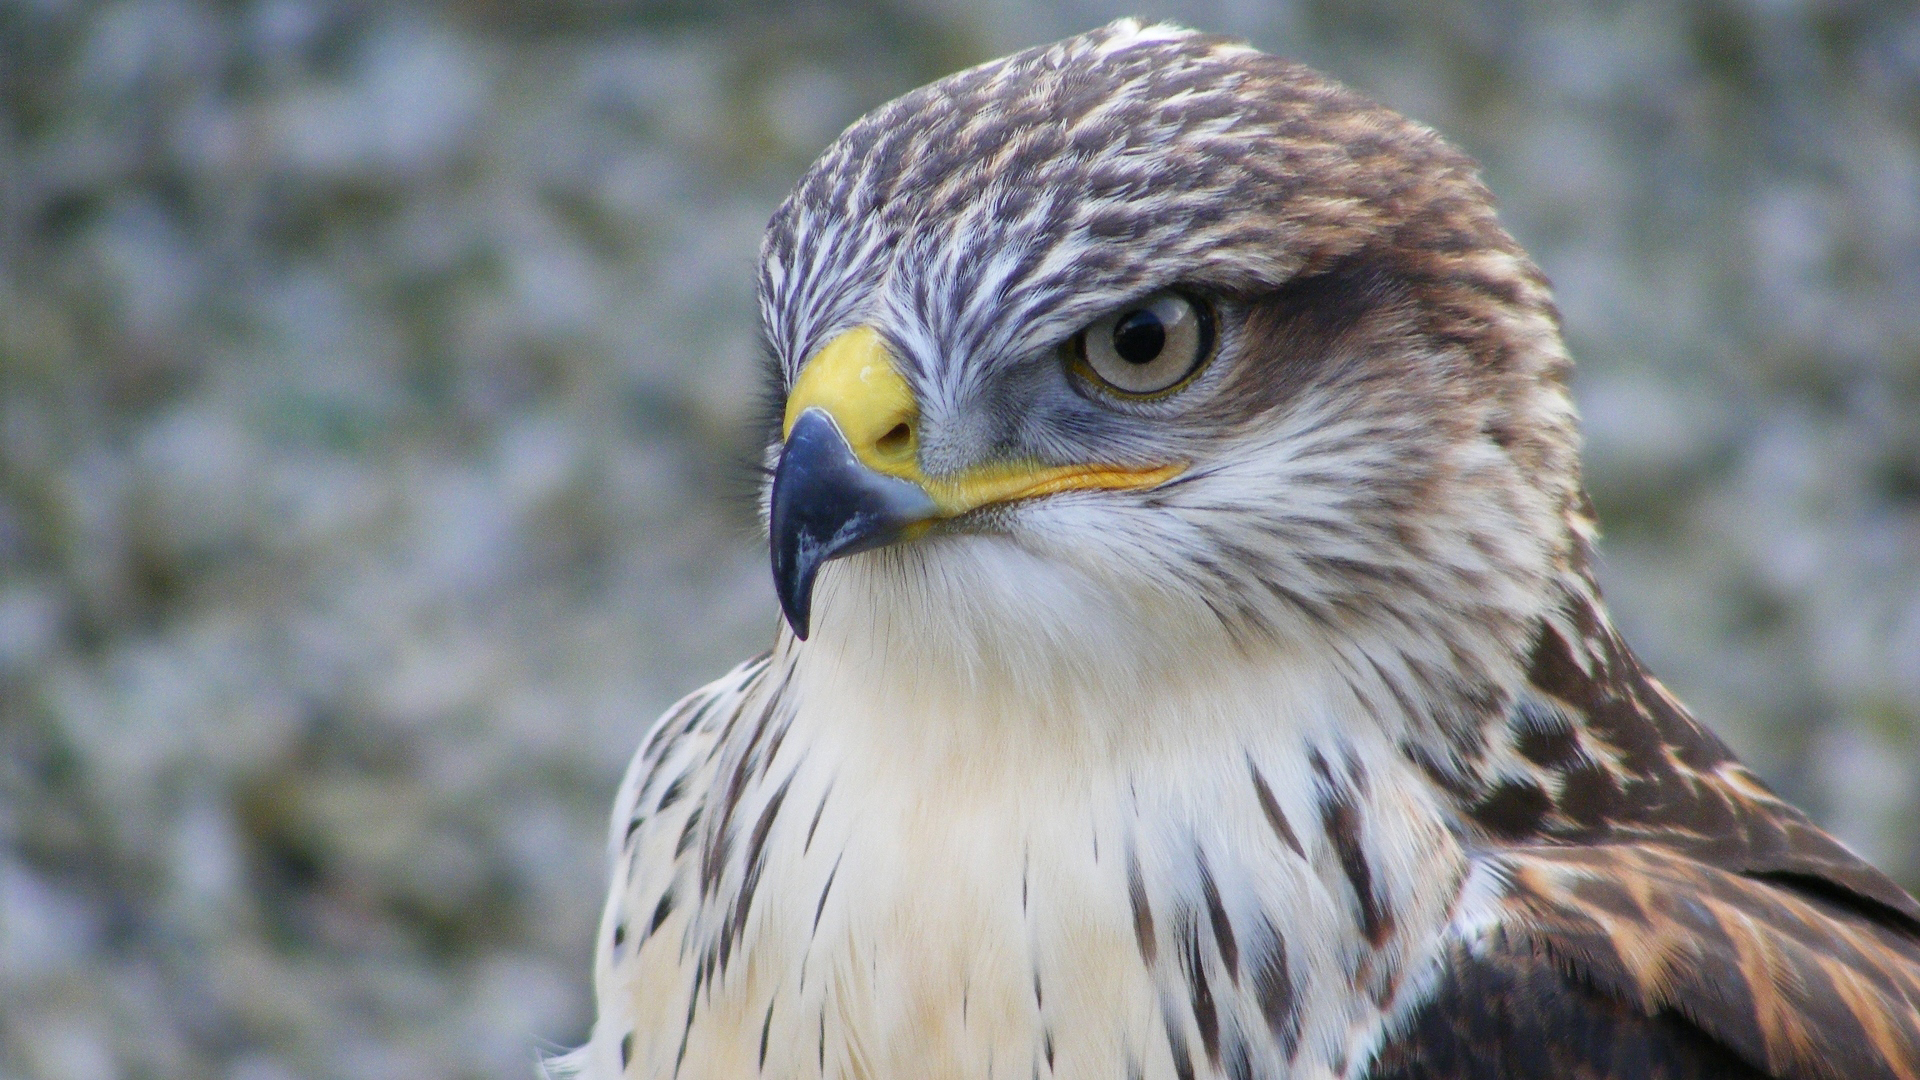 falcon bird face hd wallpaper 52727